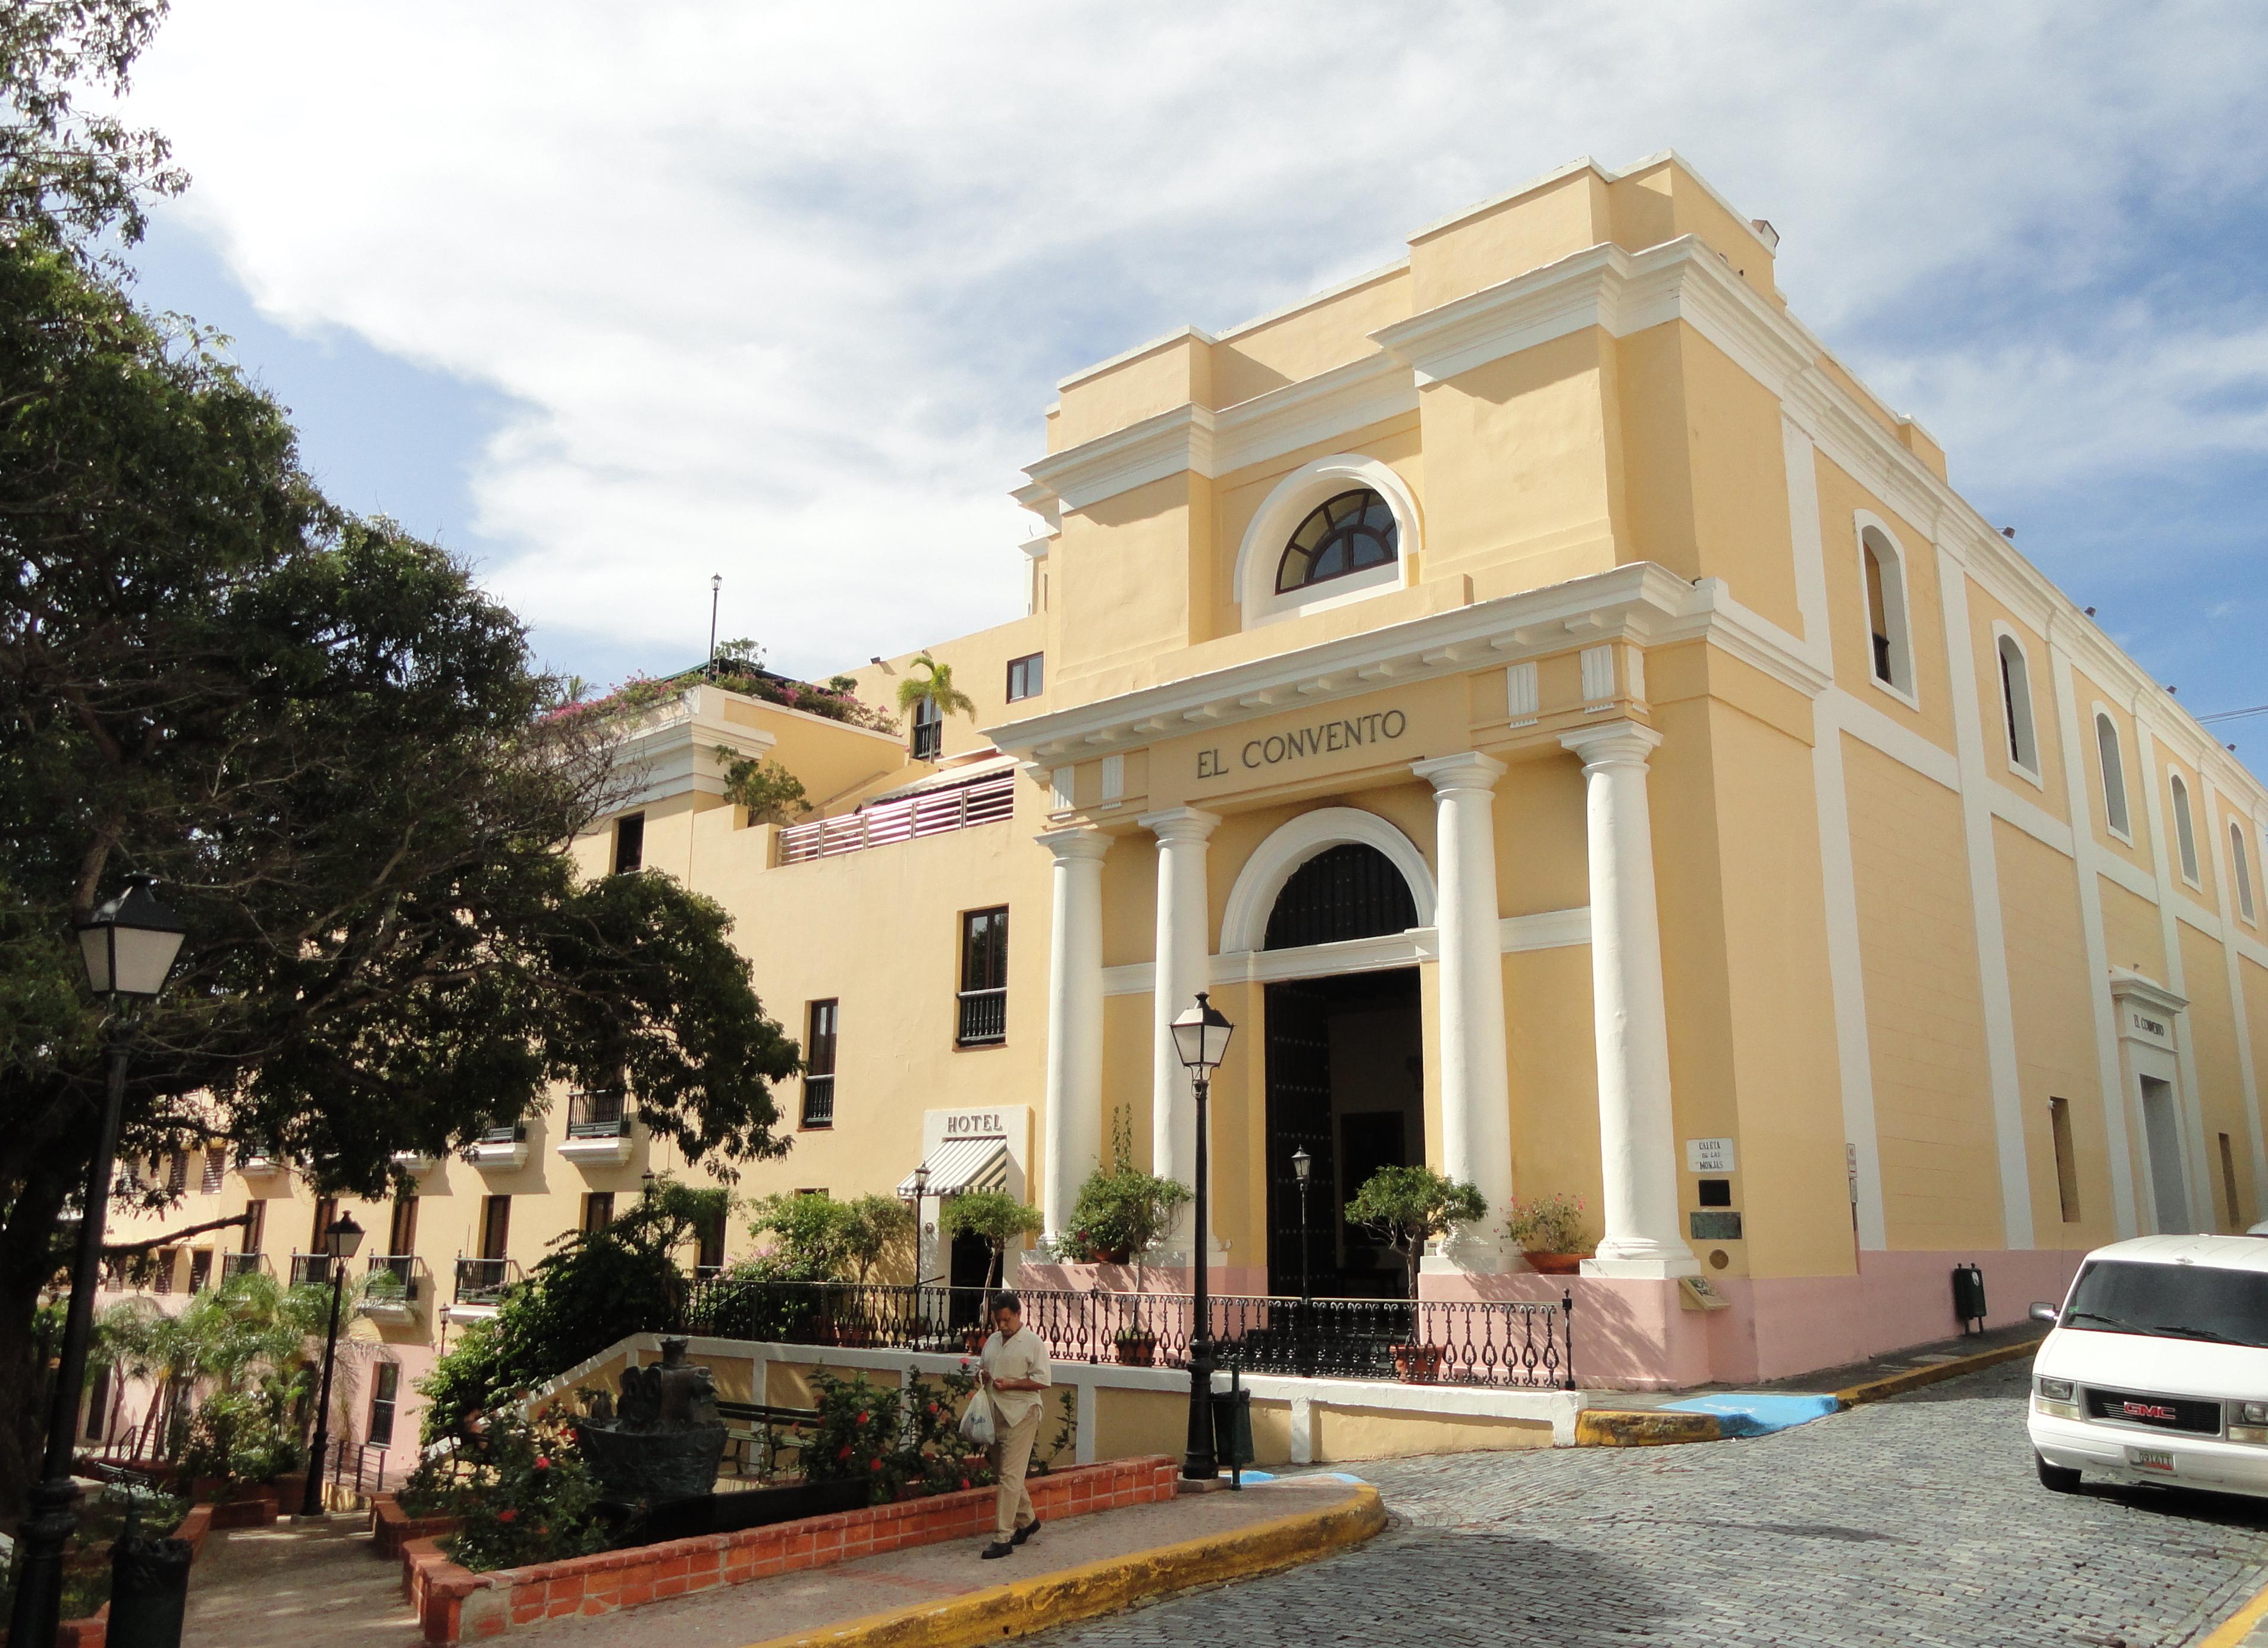 Hotel El Convento Wikipedia La